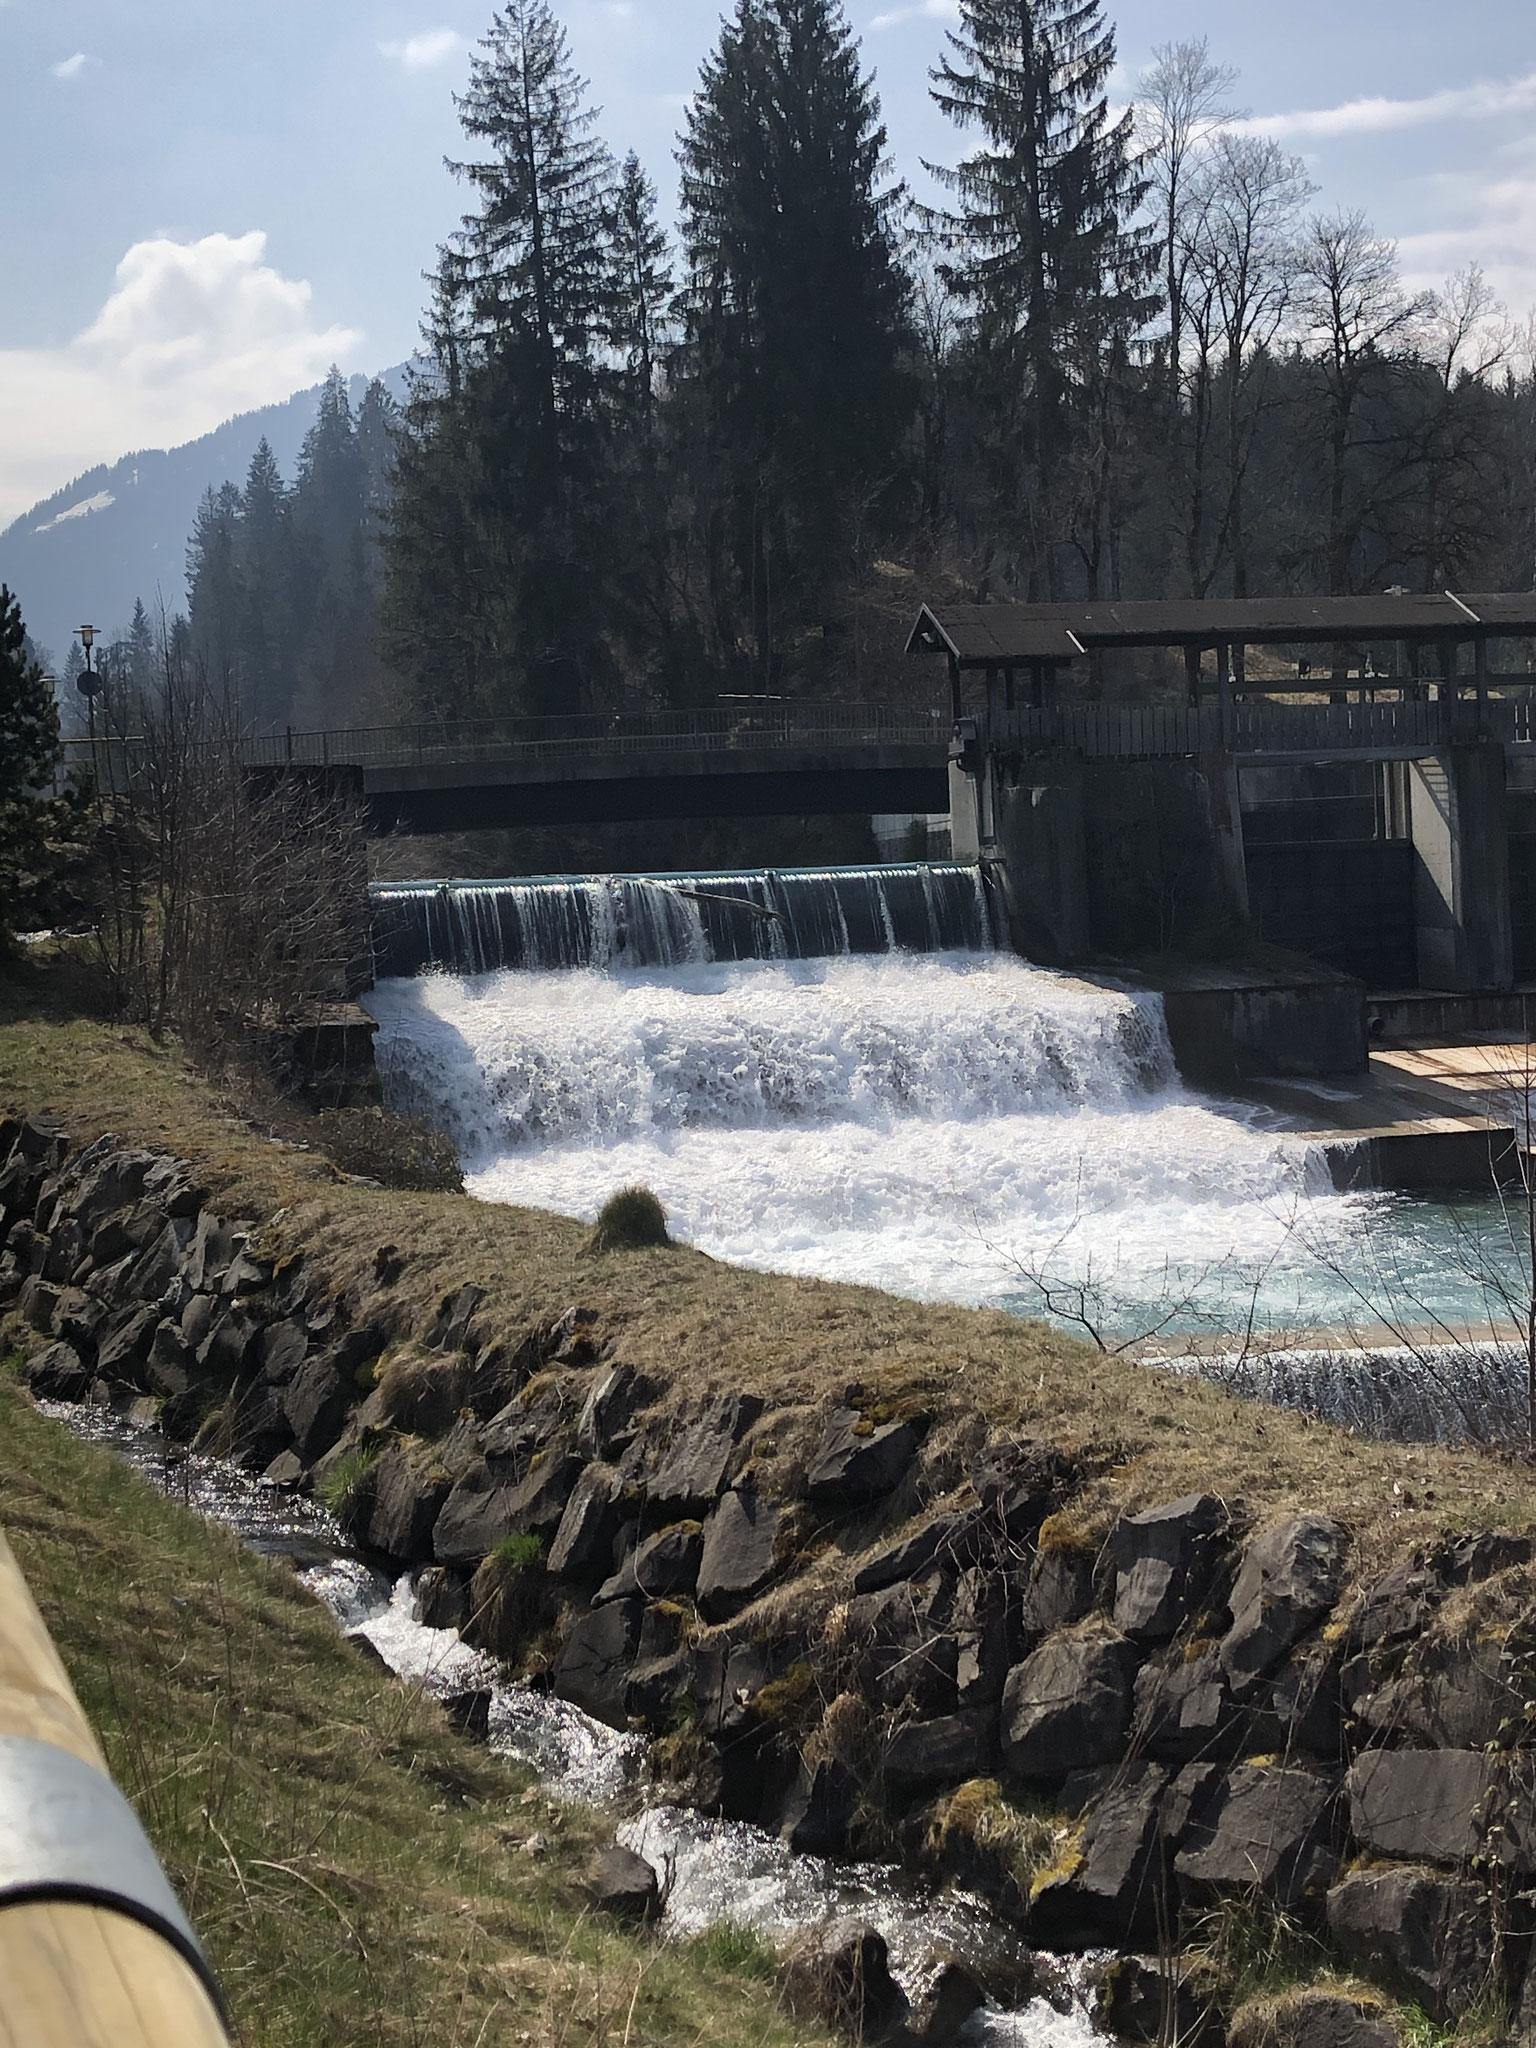 Trettach in Oberstdorf